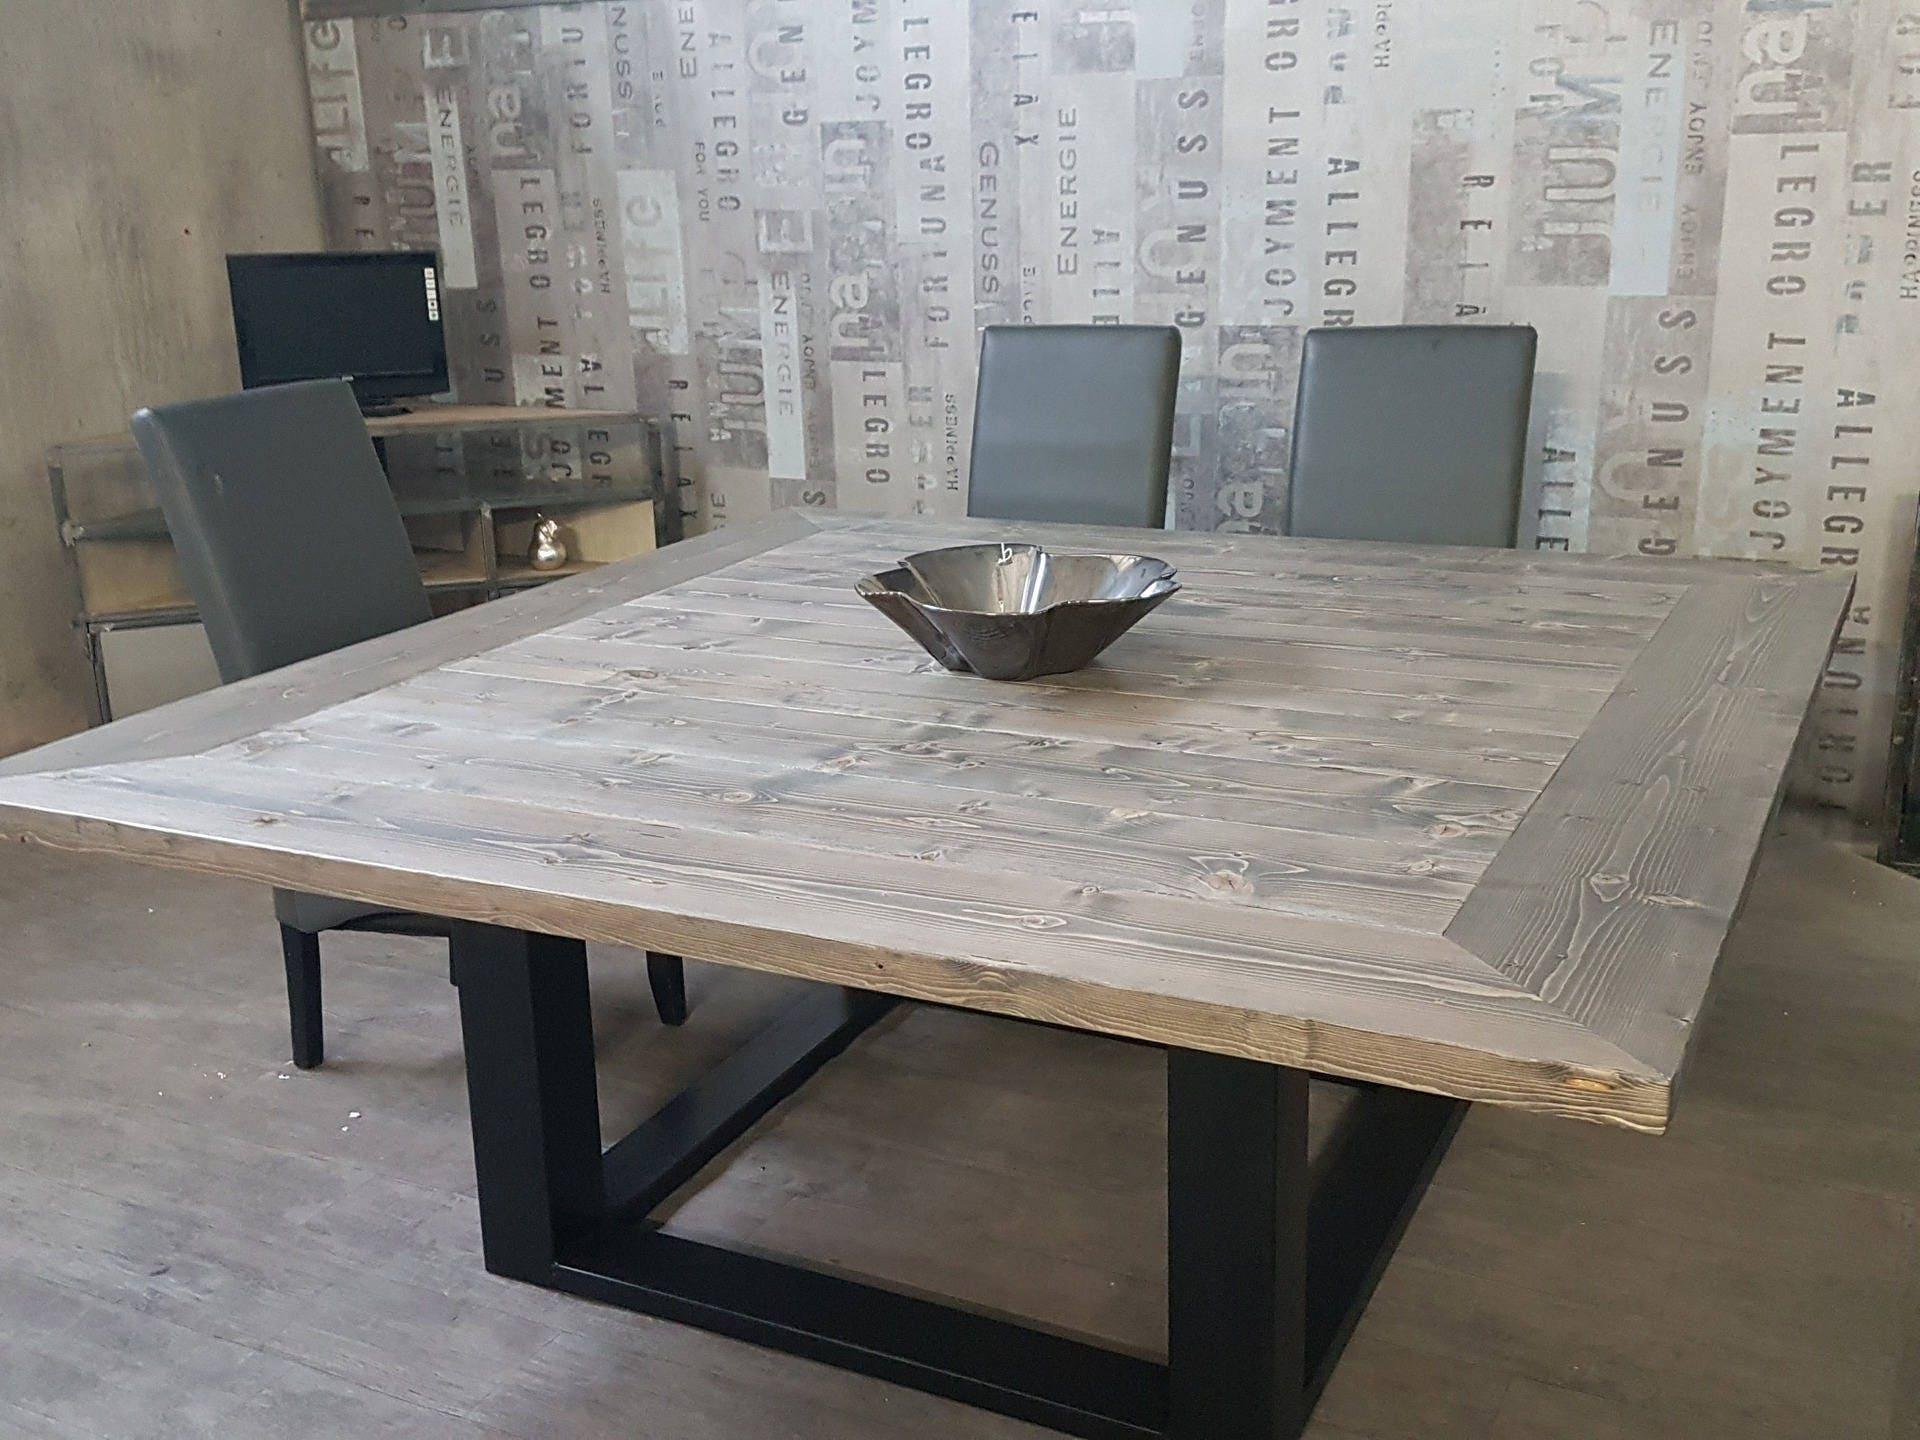 Table de salle manger industriel pied centrale en acier - Table salle a manger acier ...